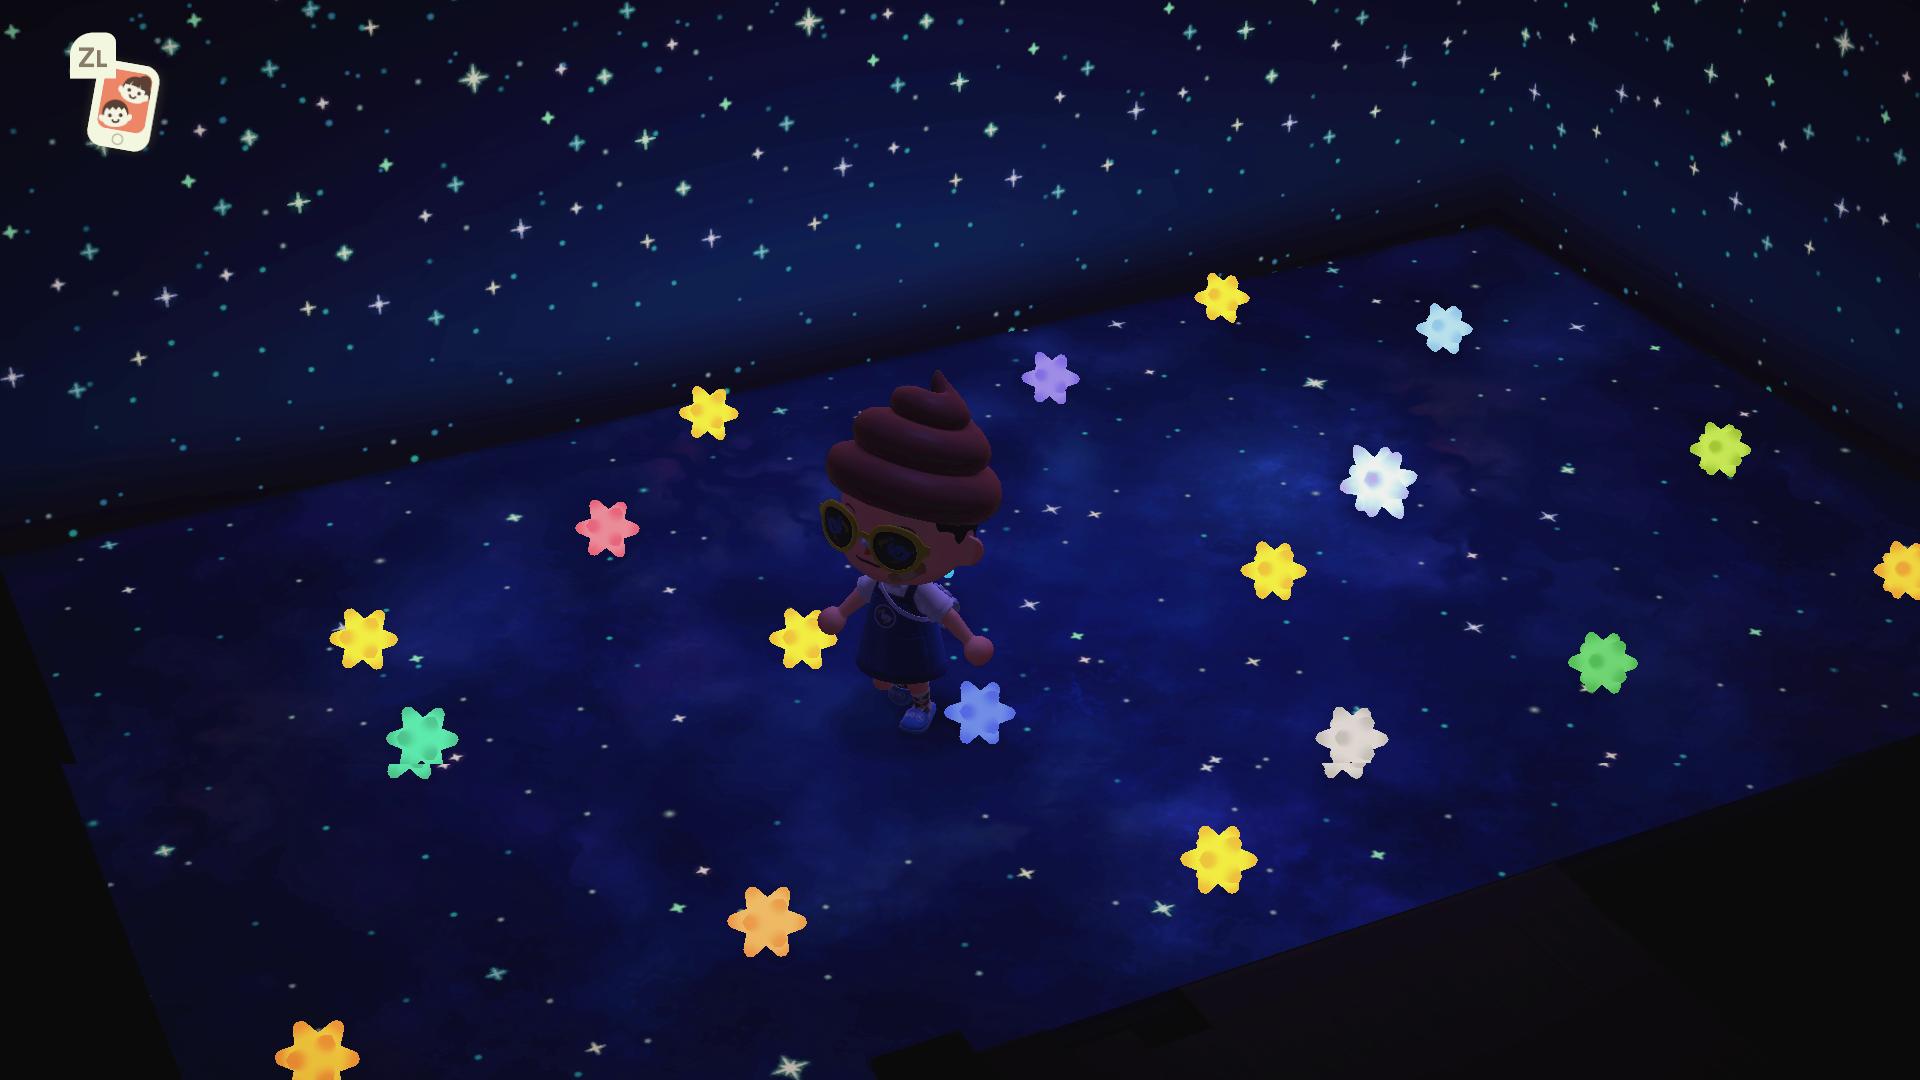 の カケラ あつ 大きな 森 星